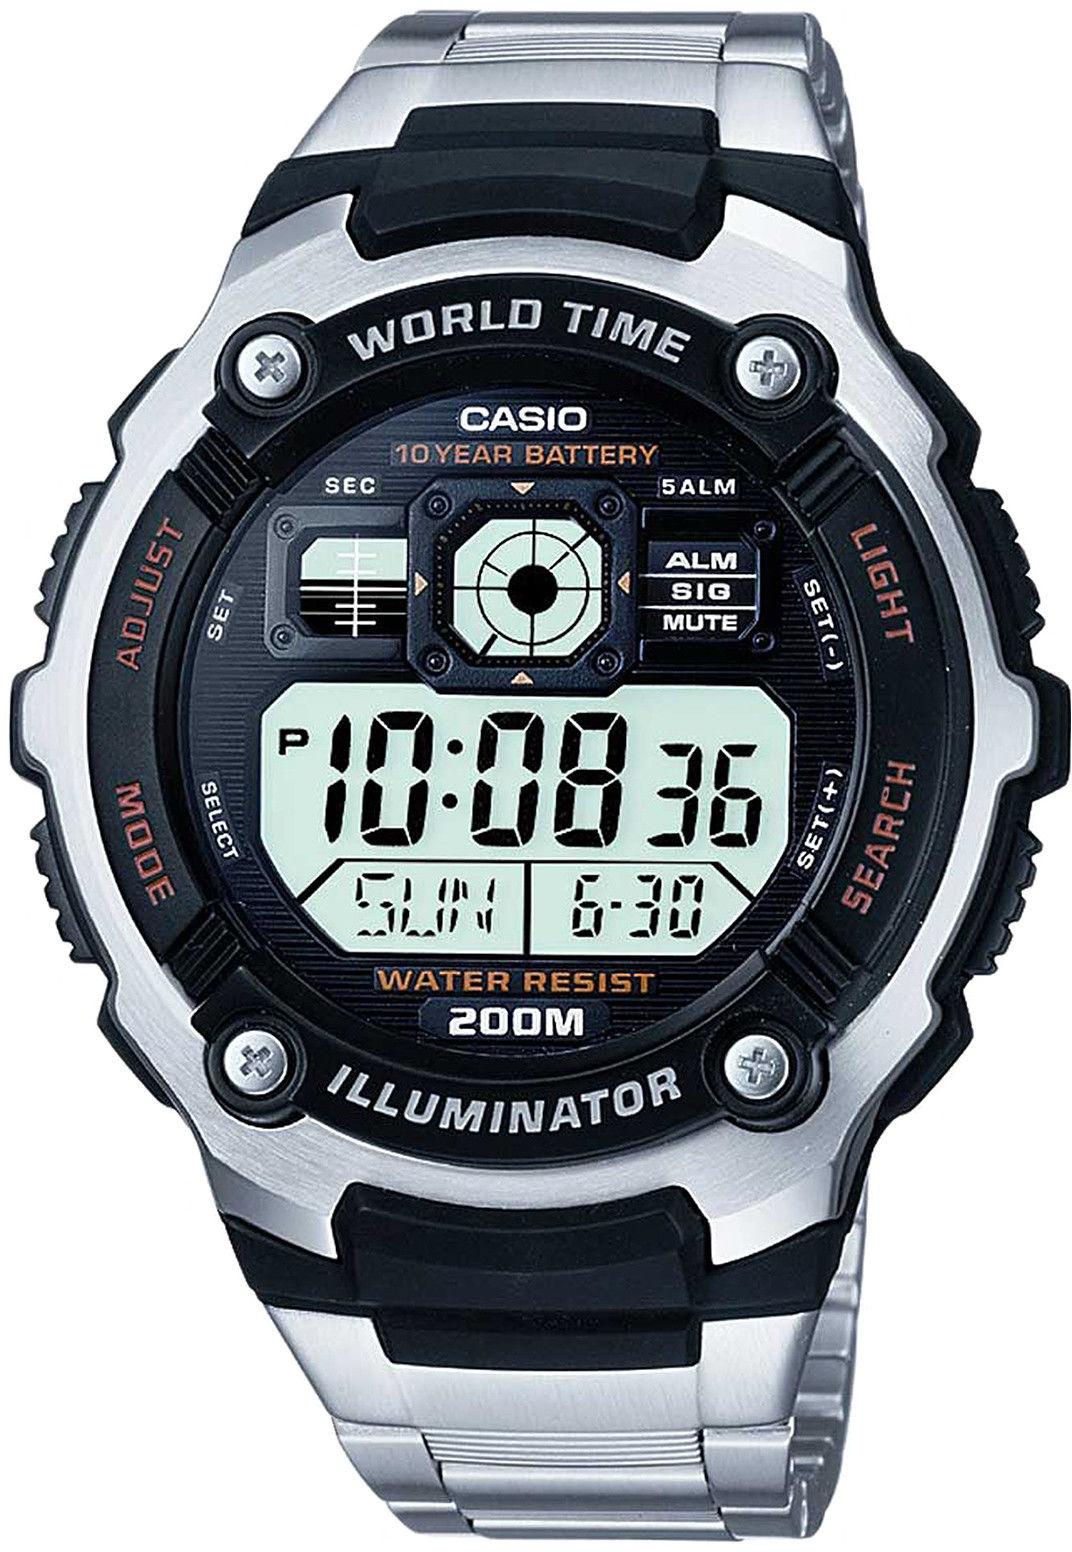 Zegarek Casio AE-2000WD-1AVEF - CENA DO NEGOCJACJI - DOSTAWA DHL GRATIS, KUPUJ BEZ RYZYKA - 100 dni na zwrot, możliwość wygrawerowania dowolnego tekstu.